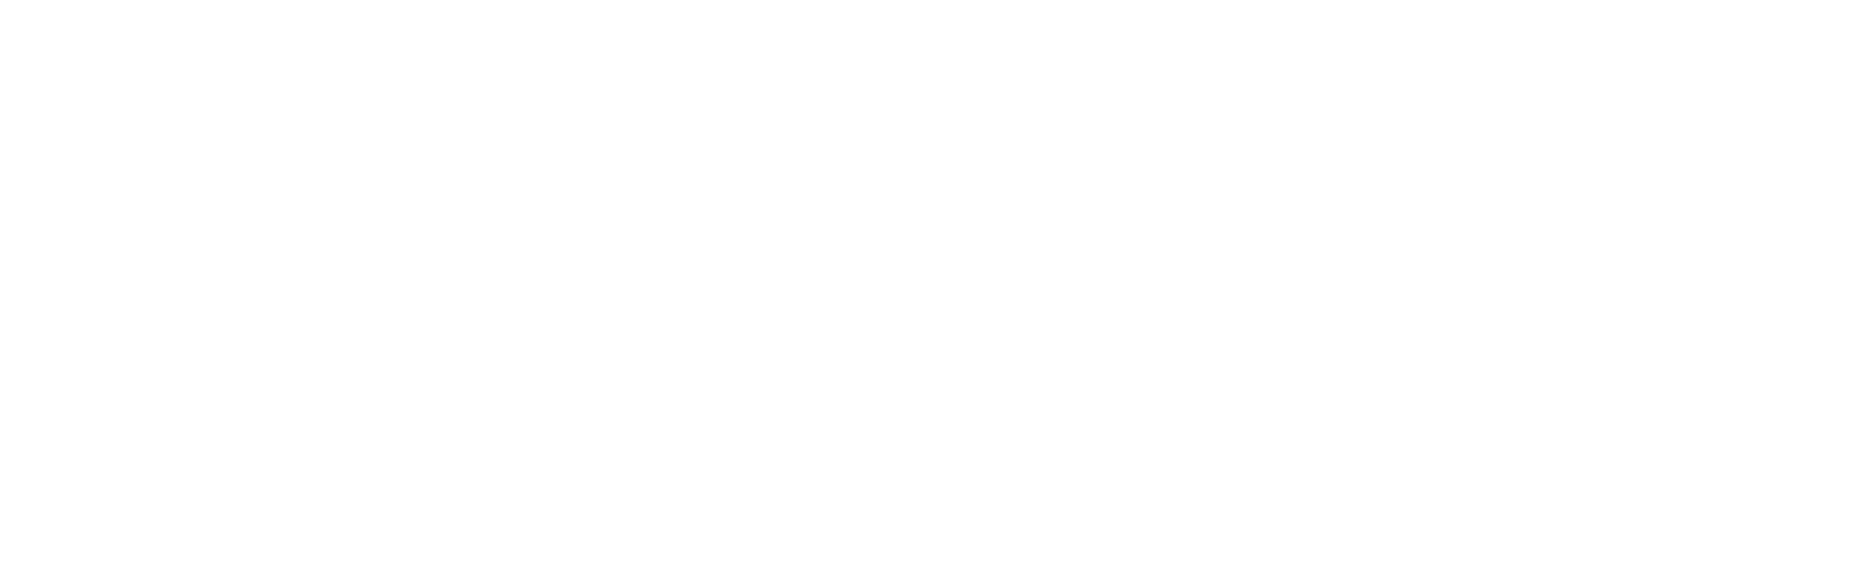 JCAMP180